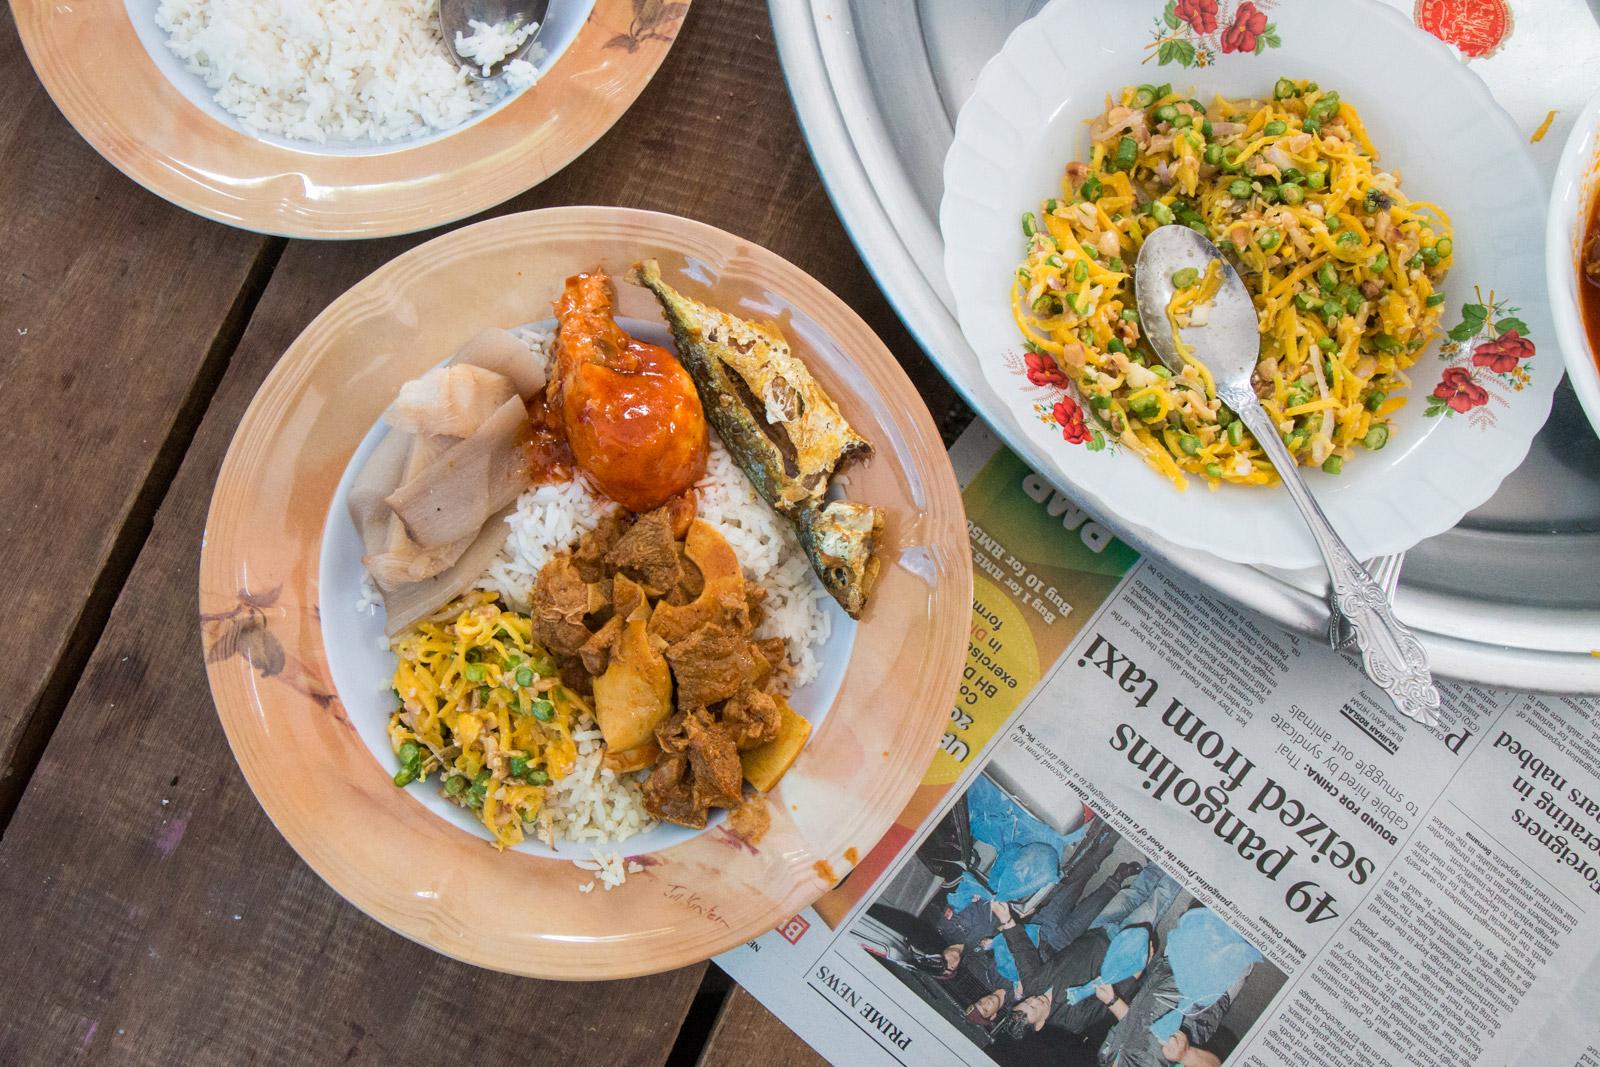 Malaysian wedding food